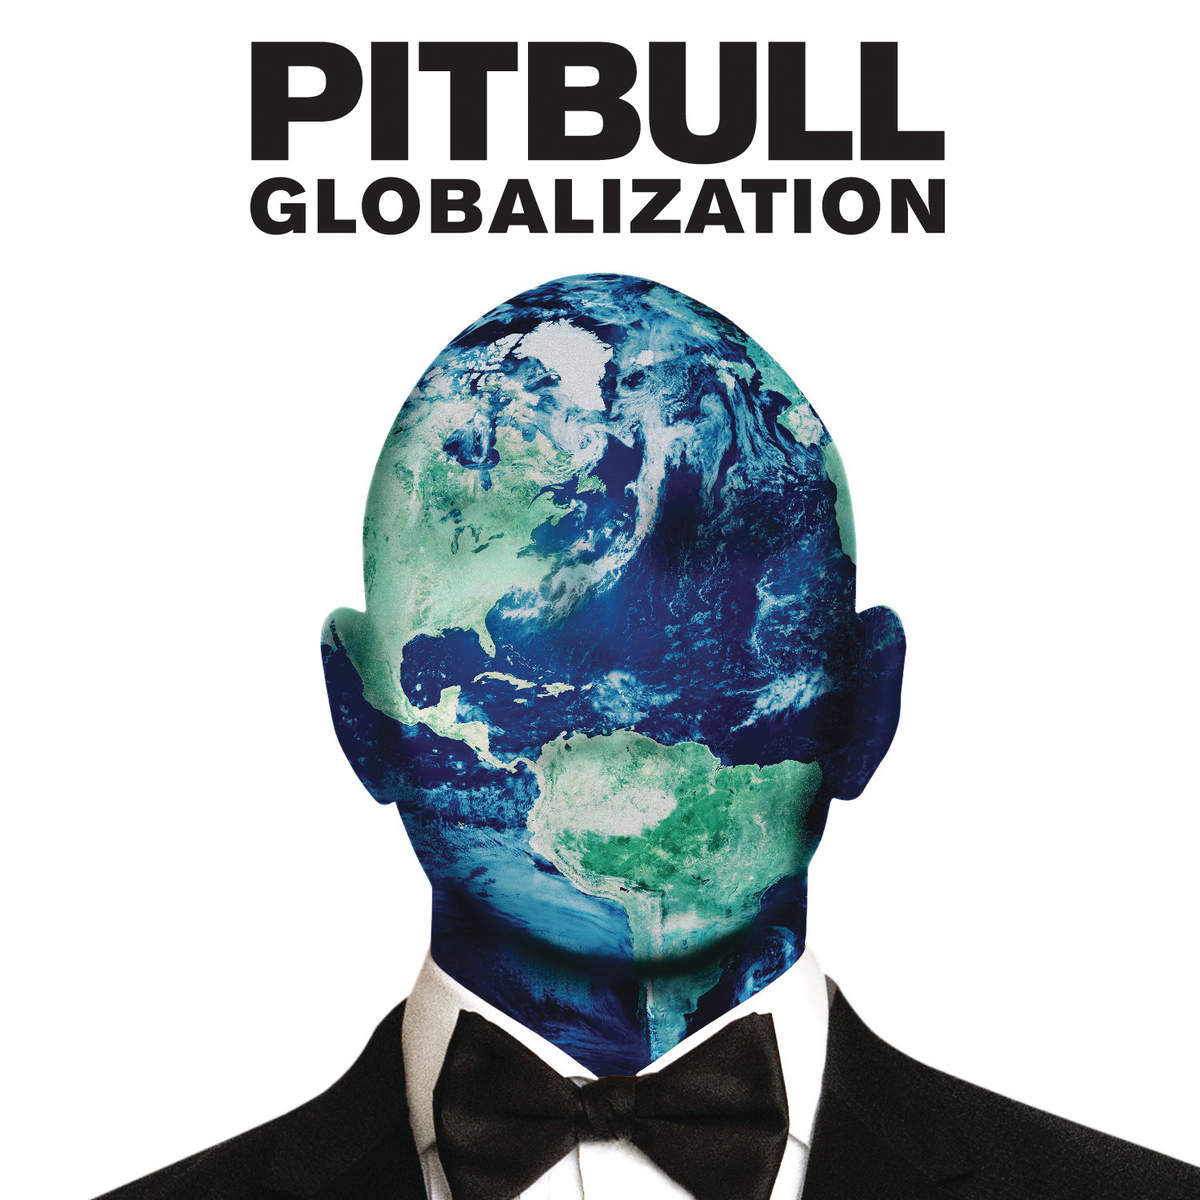 Pitbull - Globalization